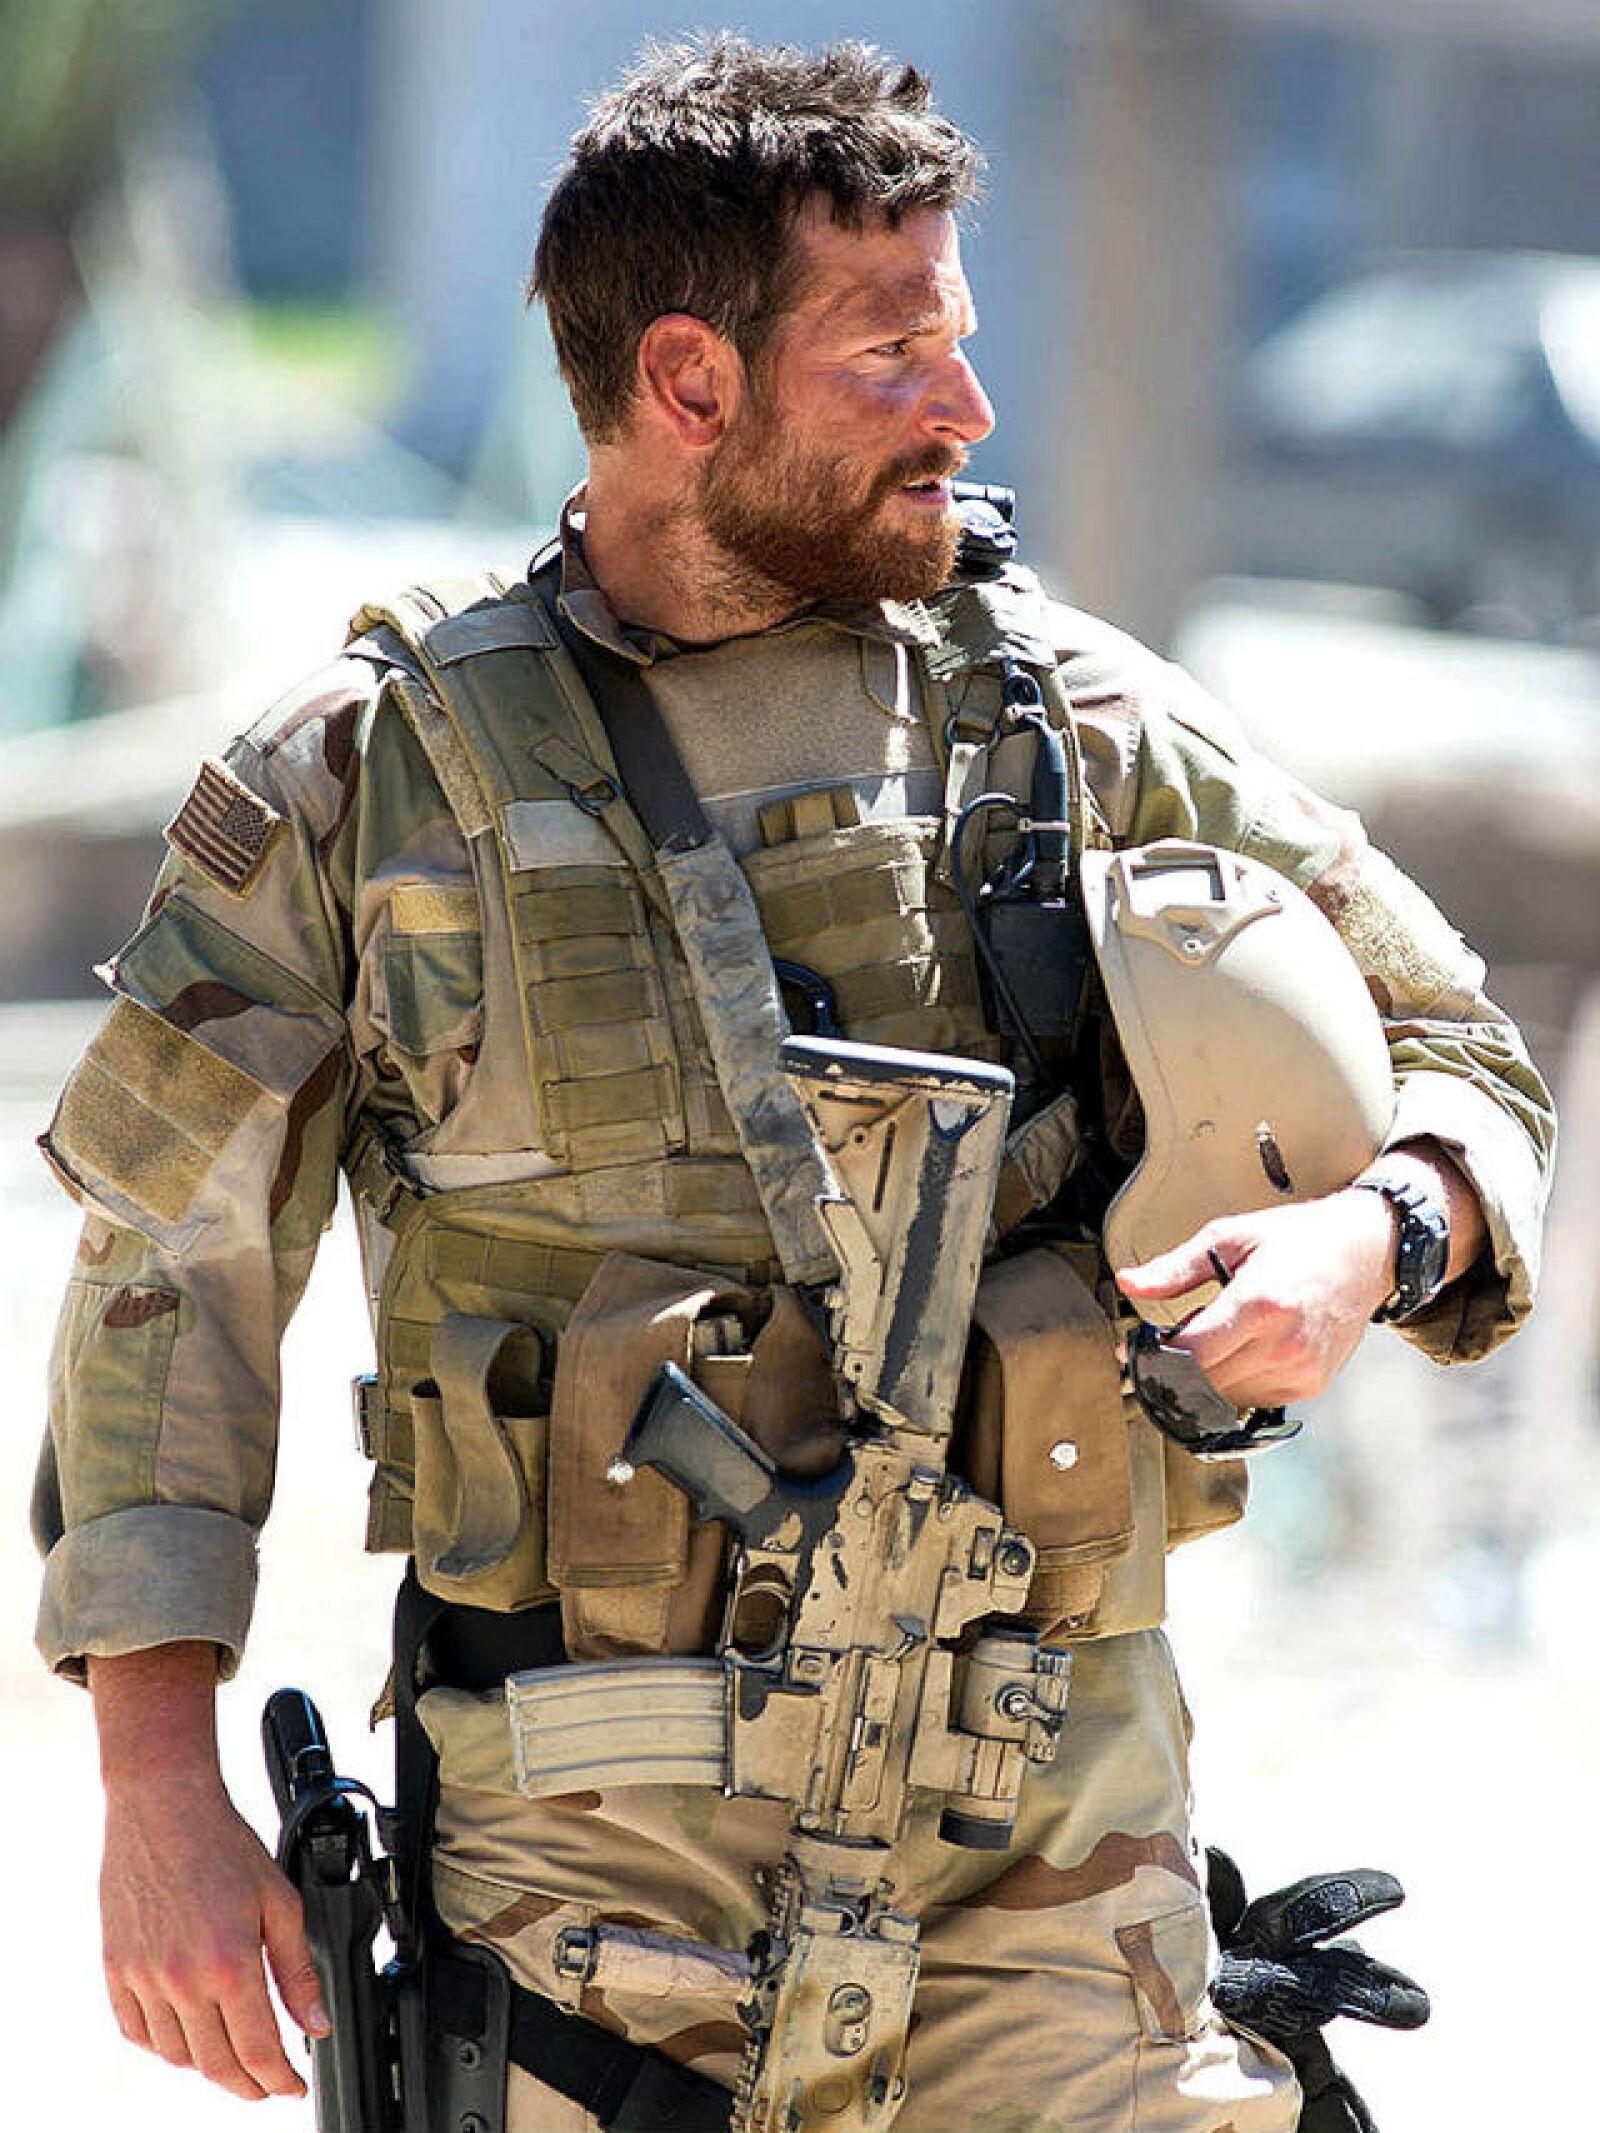 Bradley Cooper no solo se llevó American Sniper por su actuación, su uniforme de francotirador lo hacían lucir realmente sexy.